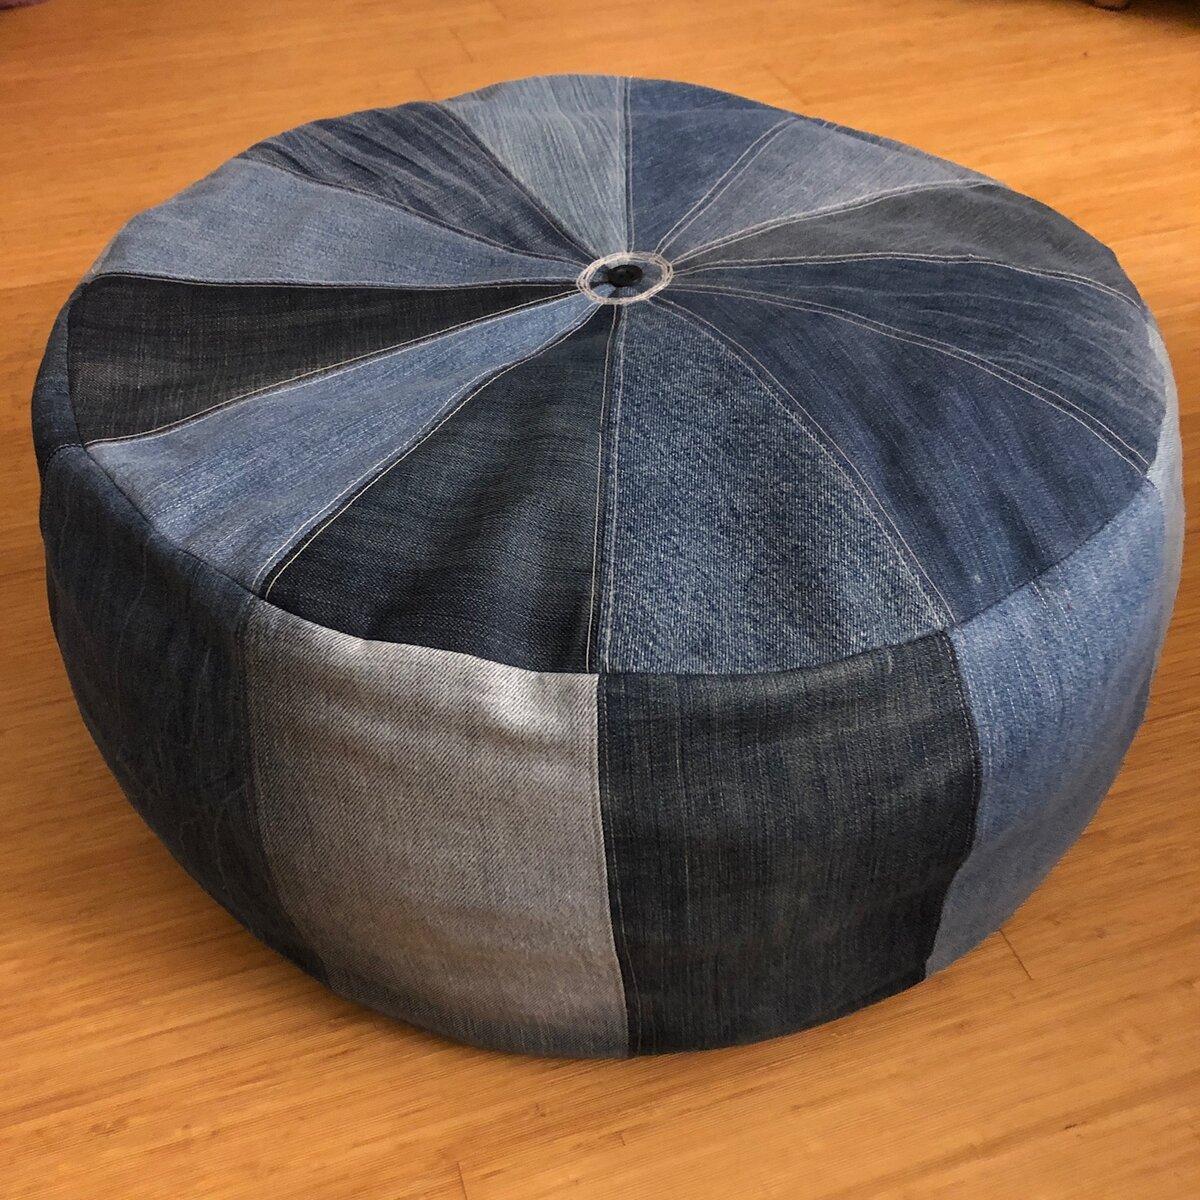 Pouf aus ausrangierten Jeans, mit Stoffresten gefüllt